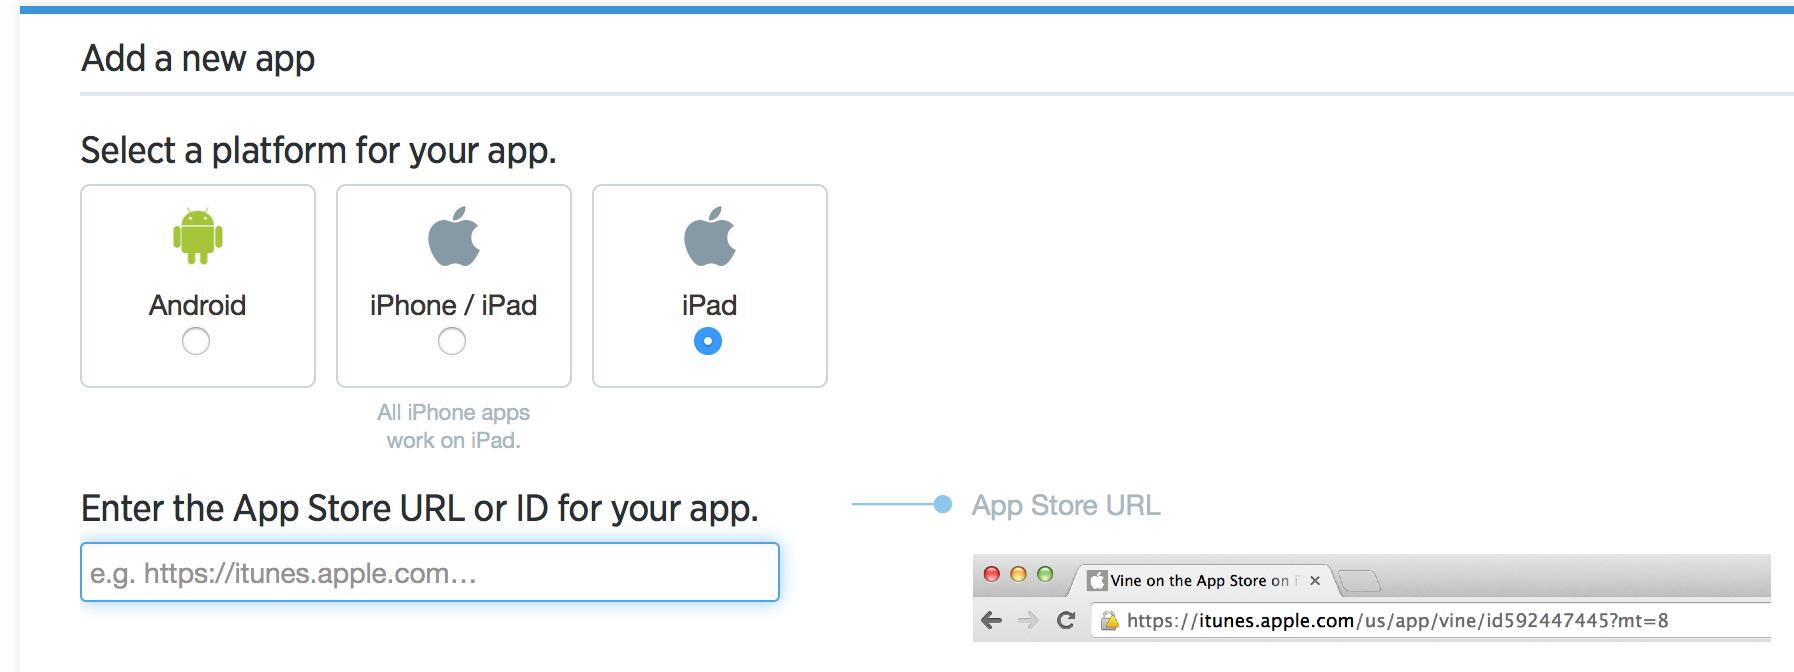 Enter your App store URL